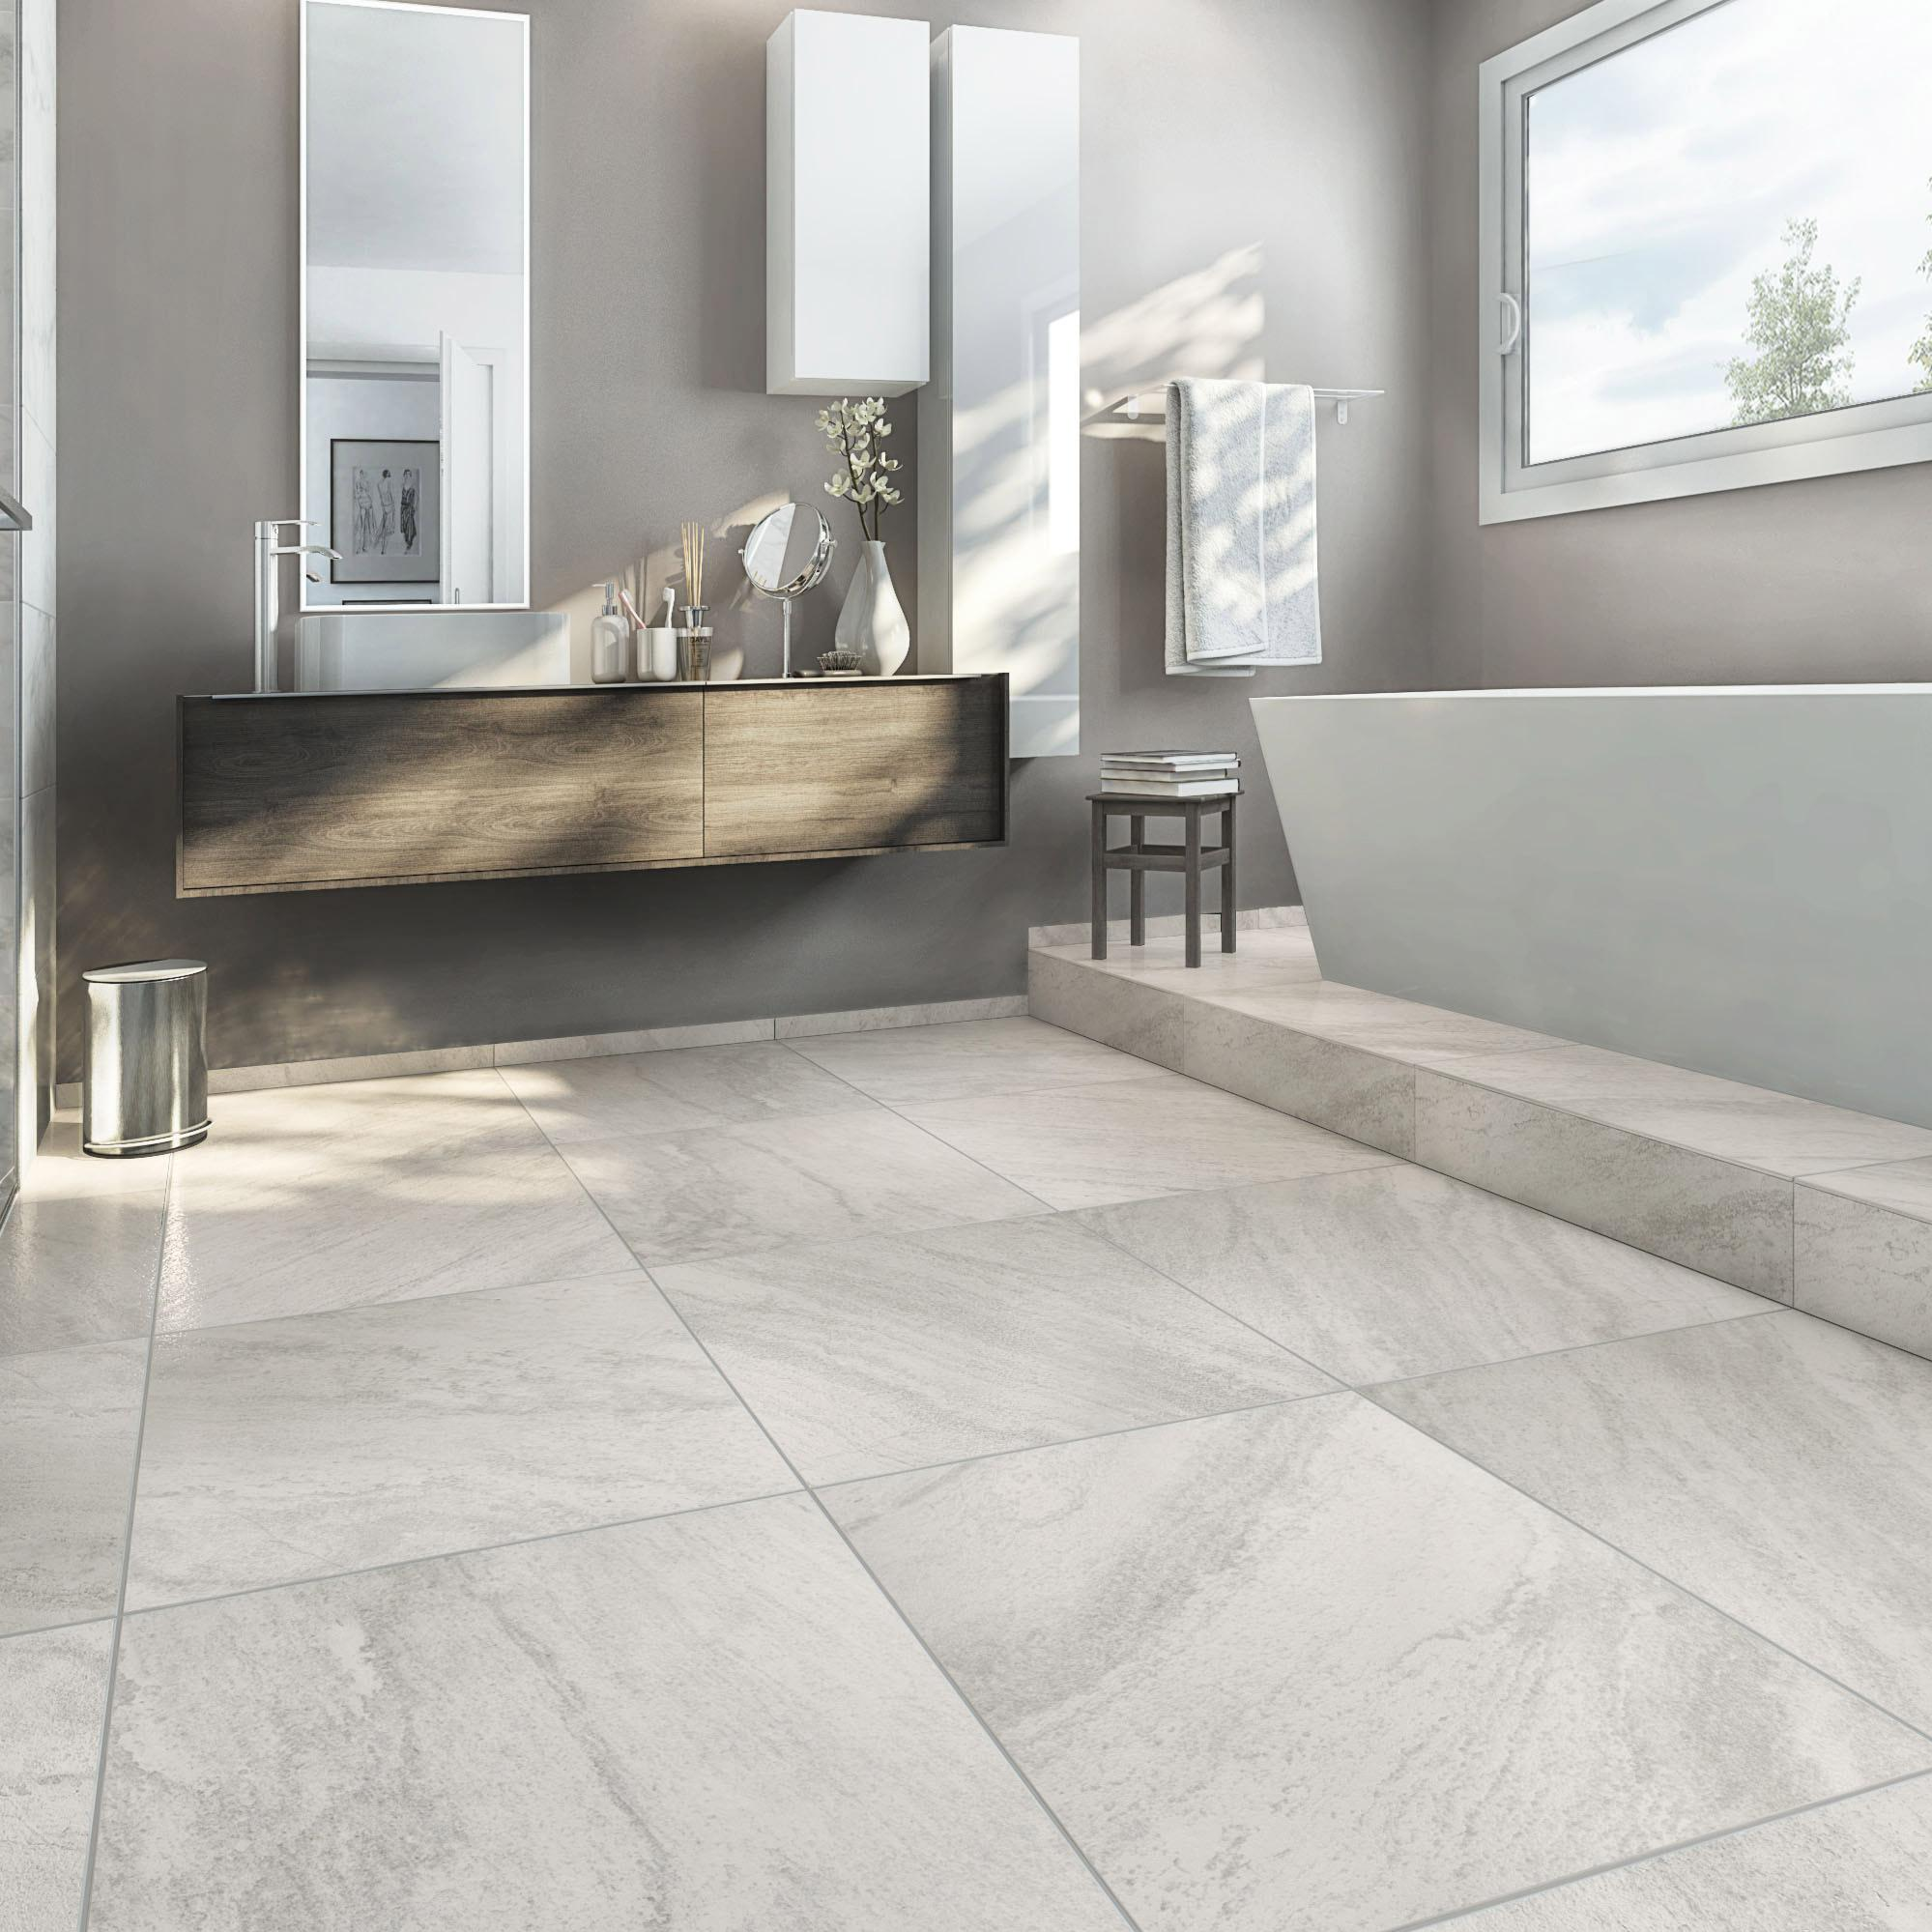 Comment Nettoyer Joint Blanc Carrelage Sol carrelage sol et mur intenso pierre blanc sicile l.60 x l.60 cm grand desir  - su